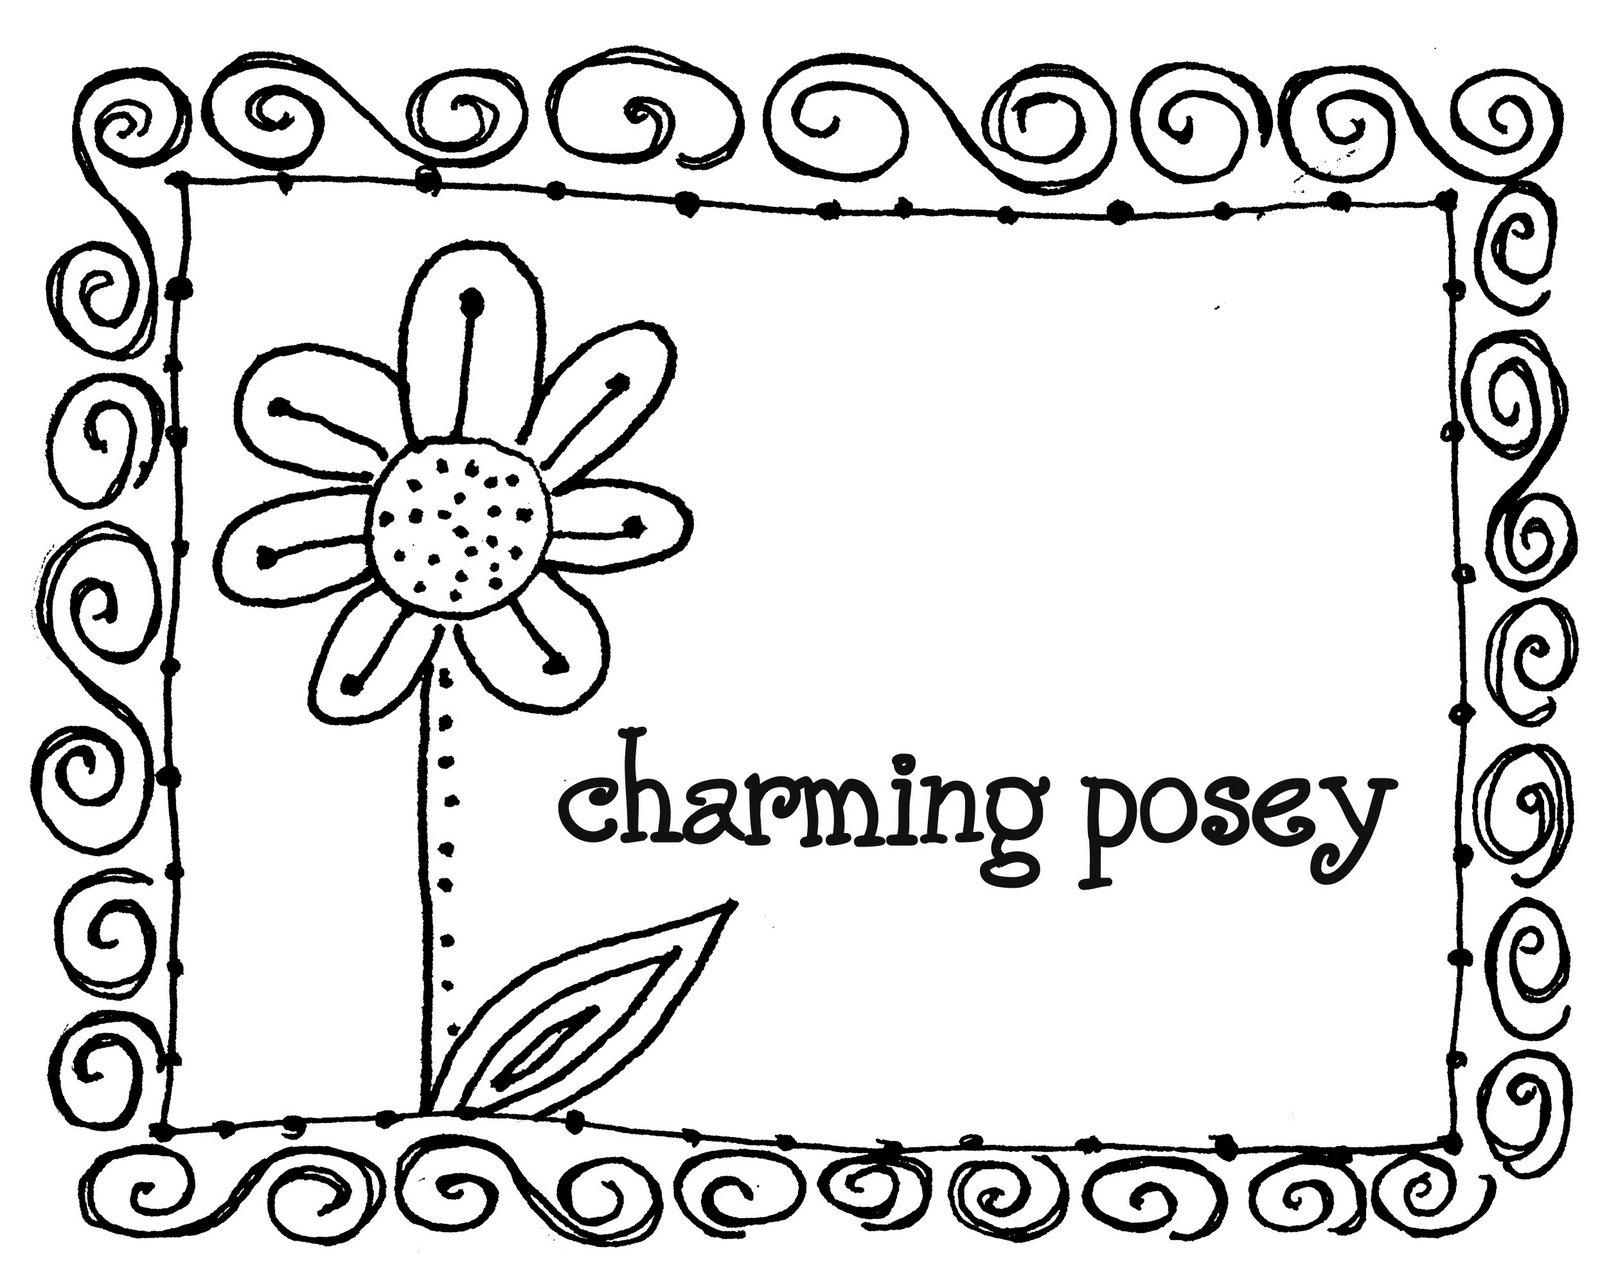 Charming Posey